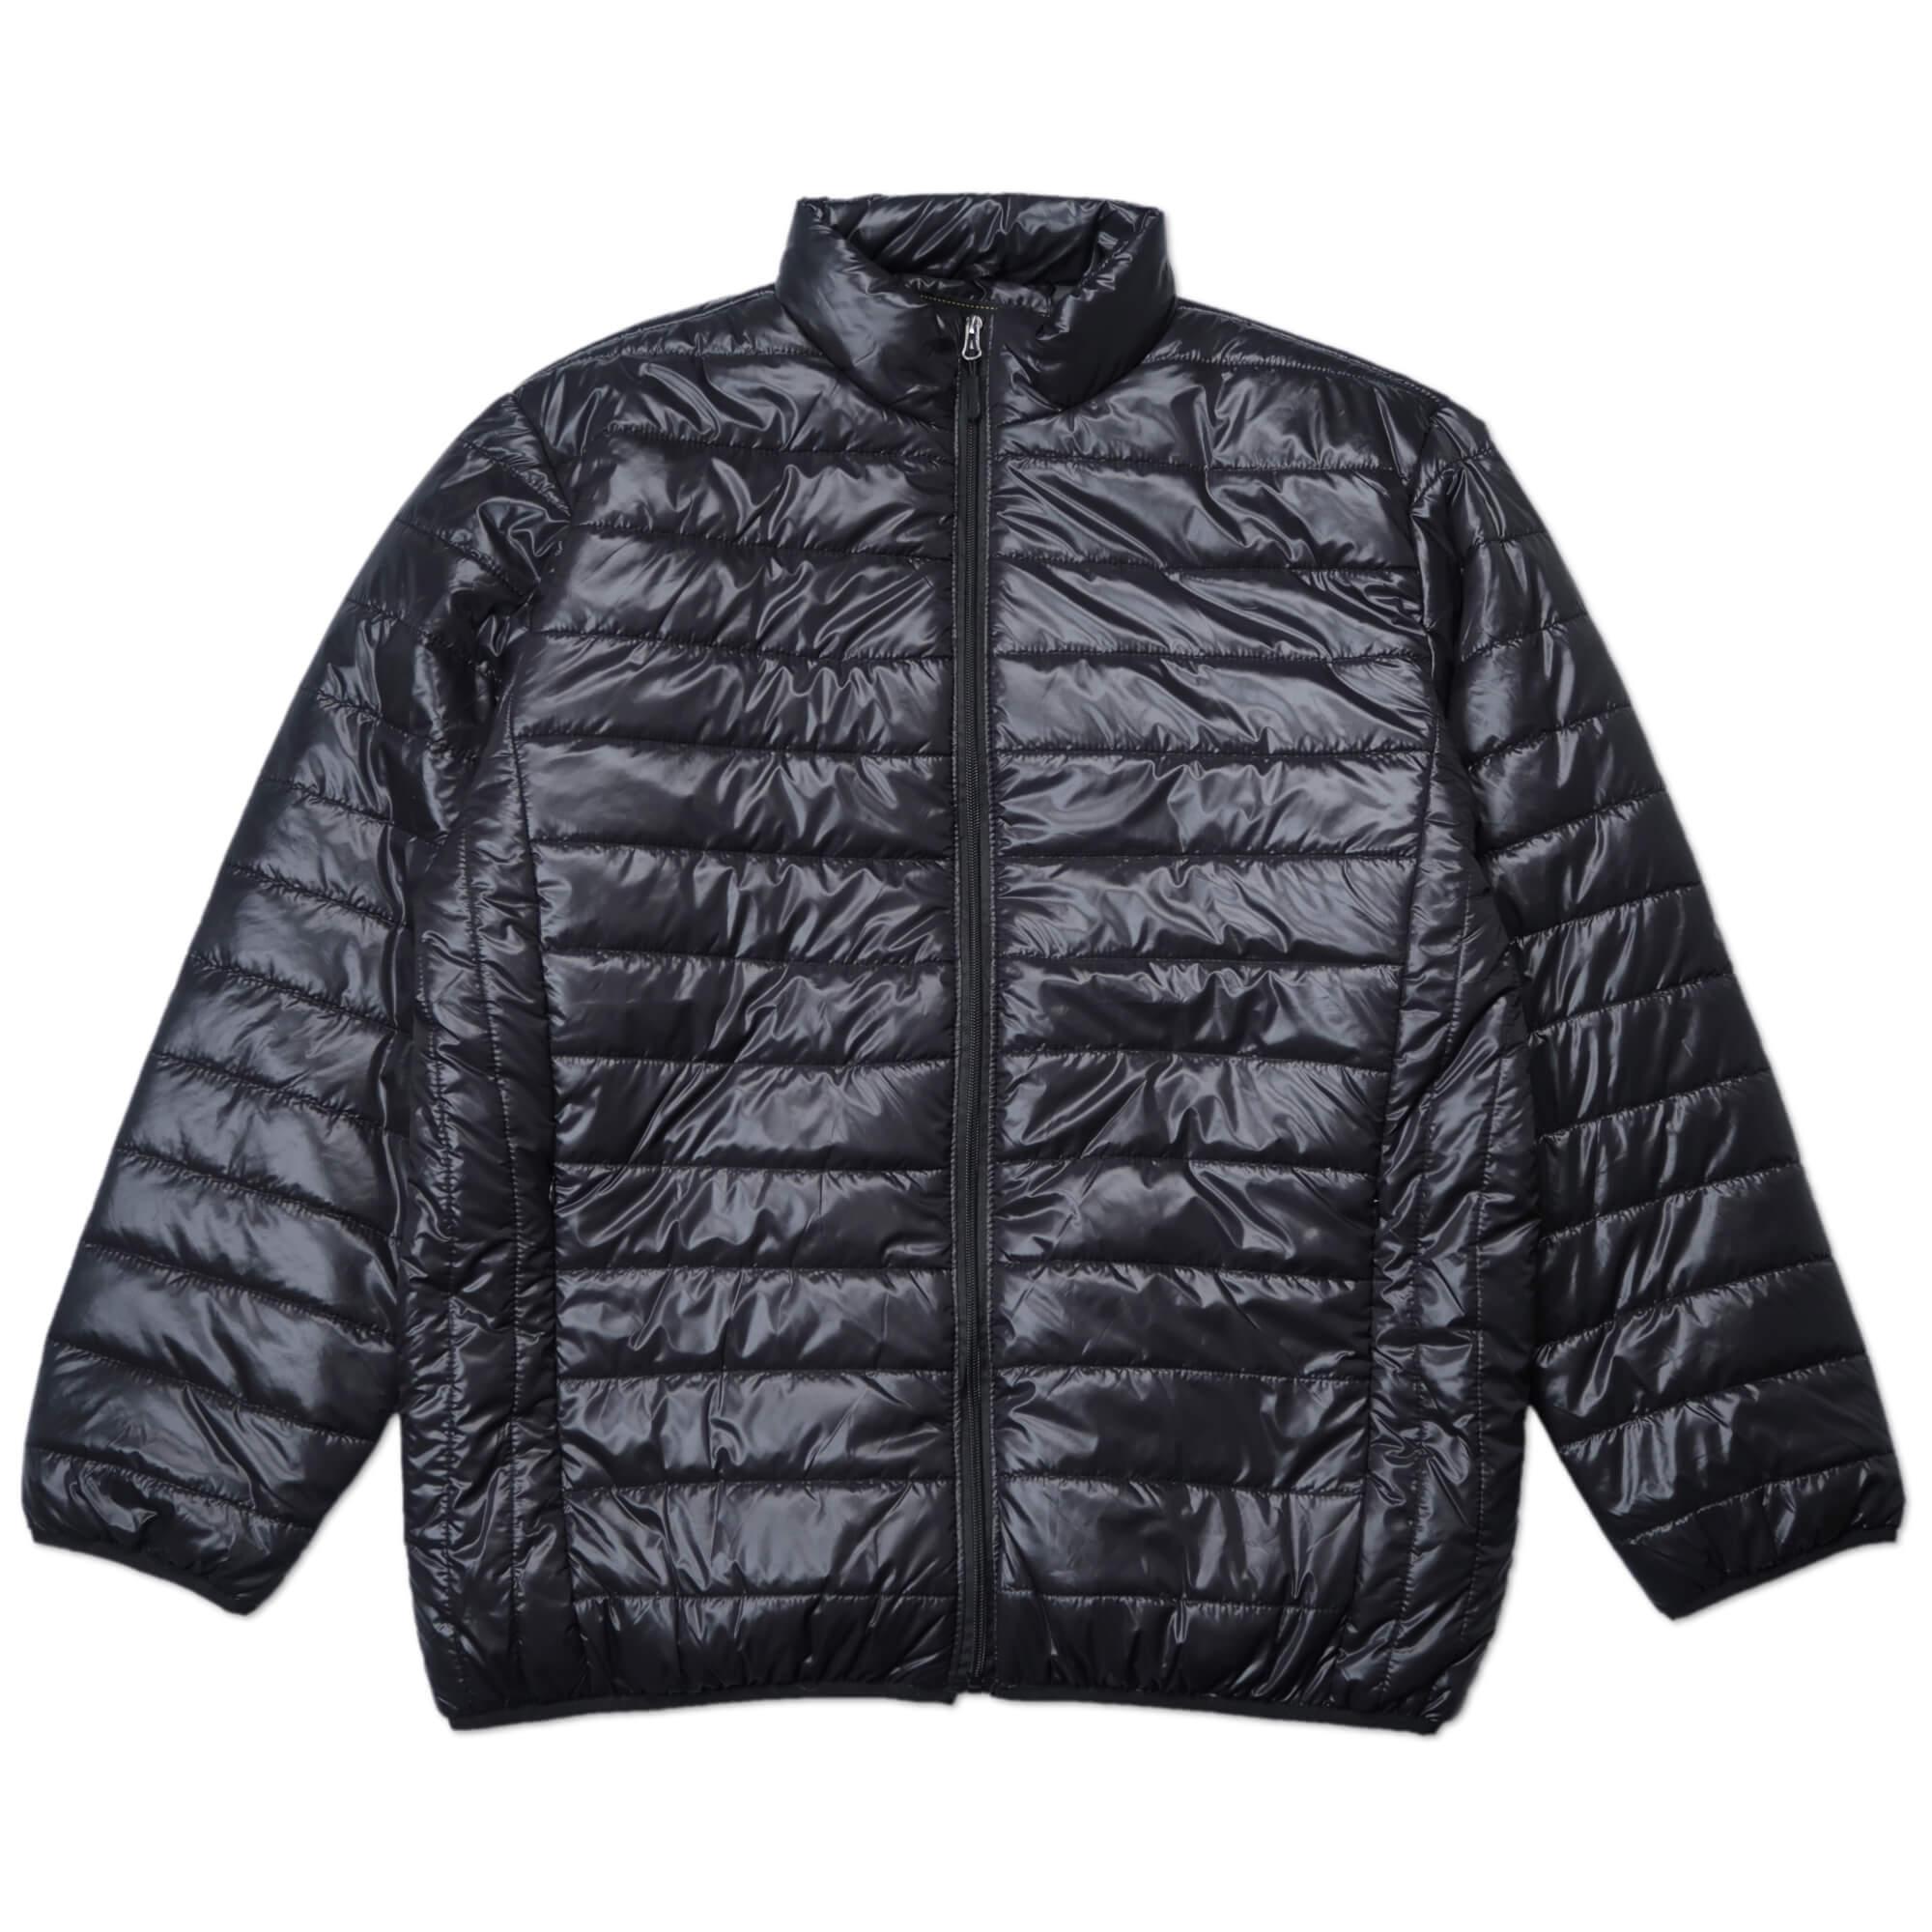 加大尺碼超輕量立領舖棉保暖外套 大尺碼夾克外套 大尺碼騎士外套 大尺碼防寒外套 大尺碼擋風外套 大尺碼休閒外套 鋪棉外套 藍色外套 黑色外套 (321-A831-08)深藍色、(321-A831-21)黑色、、(321-A831-22)灰色、(321-A830-22)灰綠色 5L 6L 7L 8L (胸圍:56~62英吋) [實體店面保障] sun-e 1